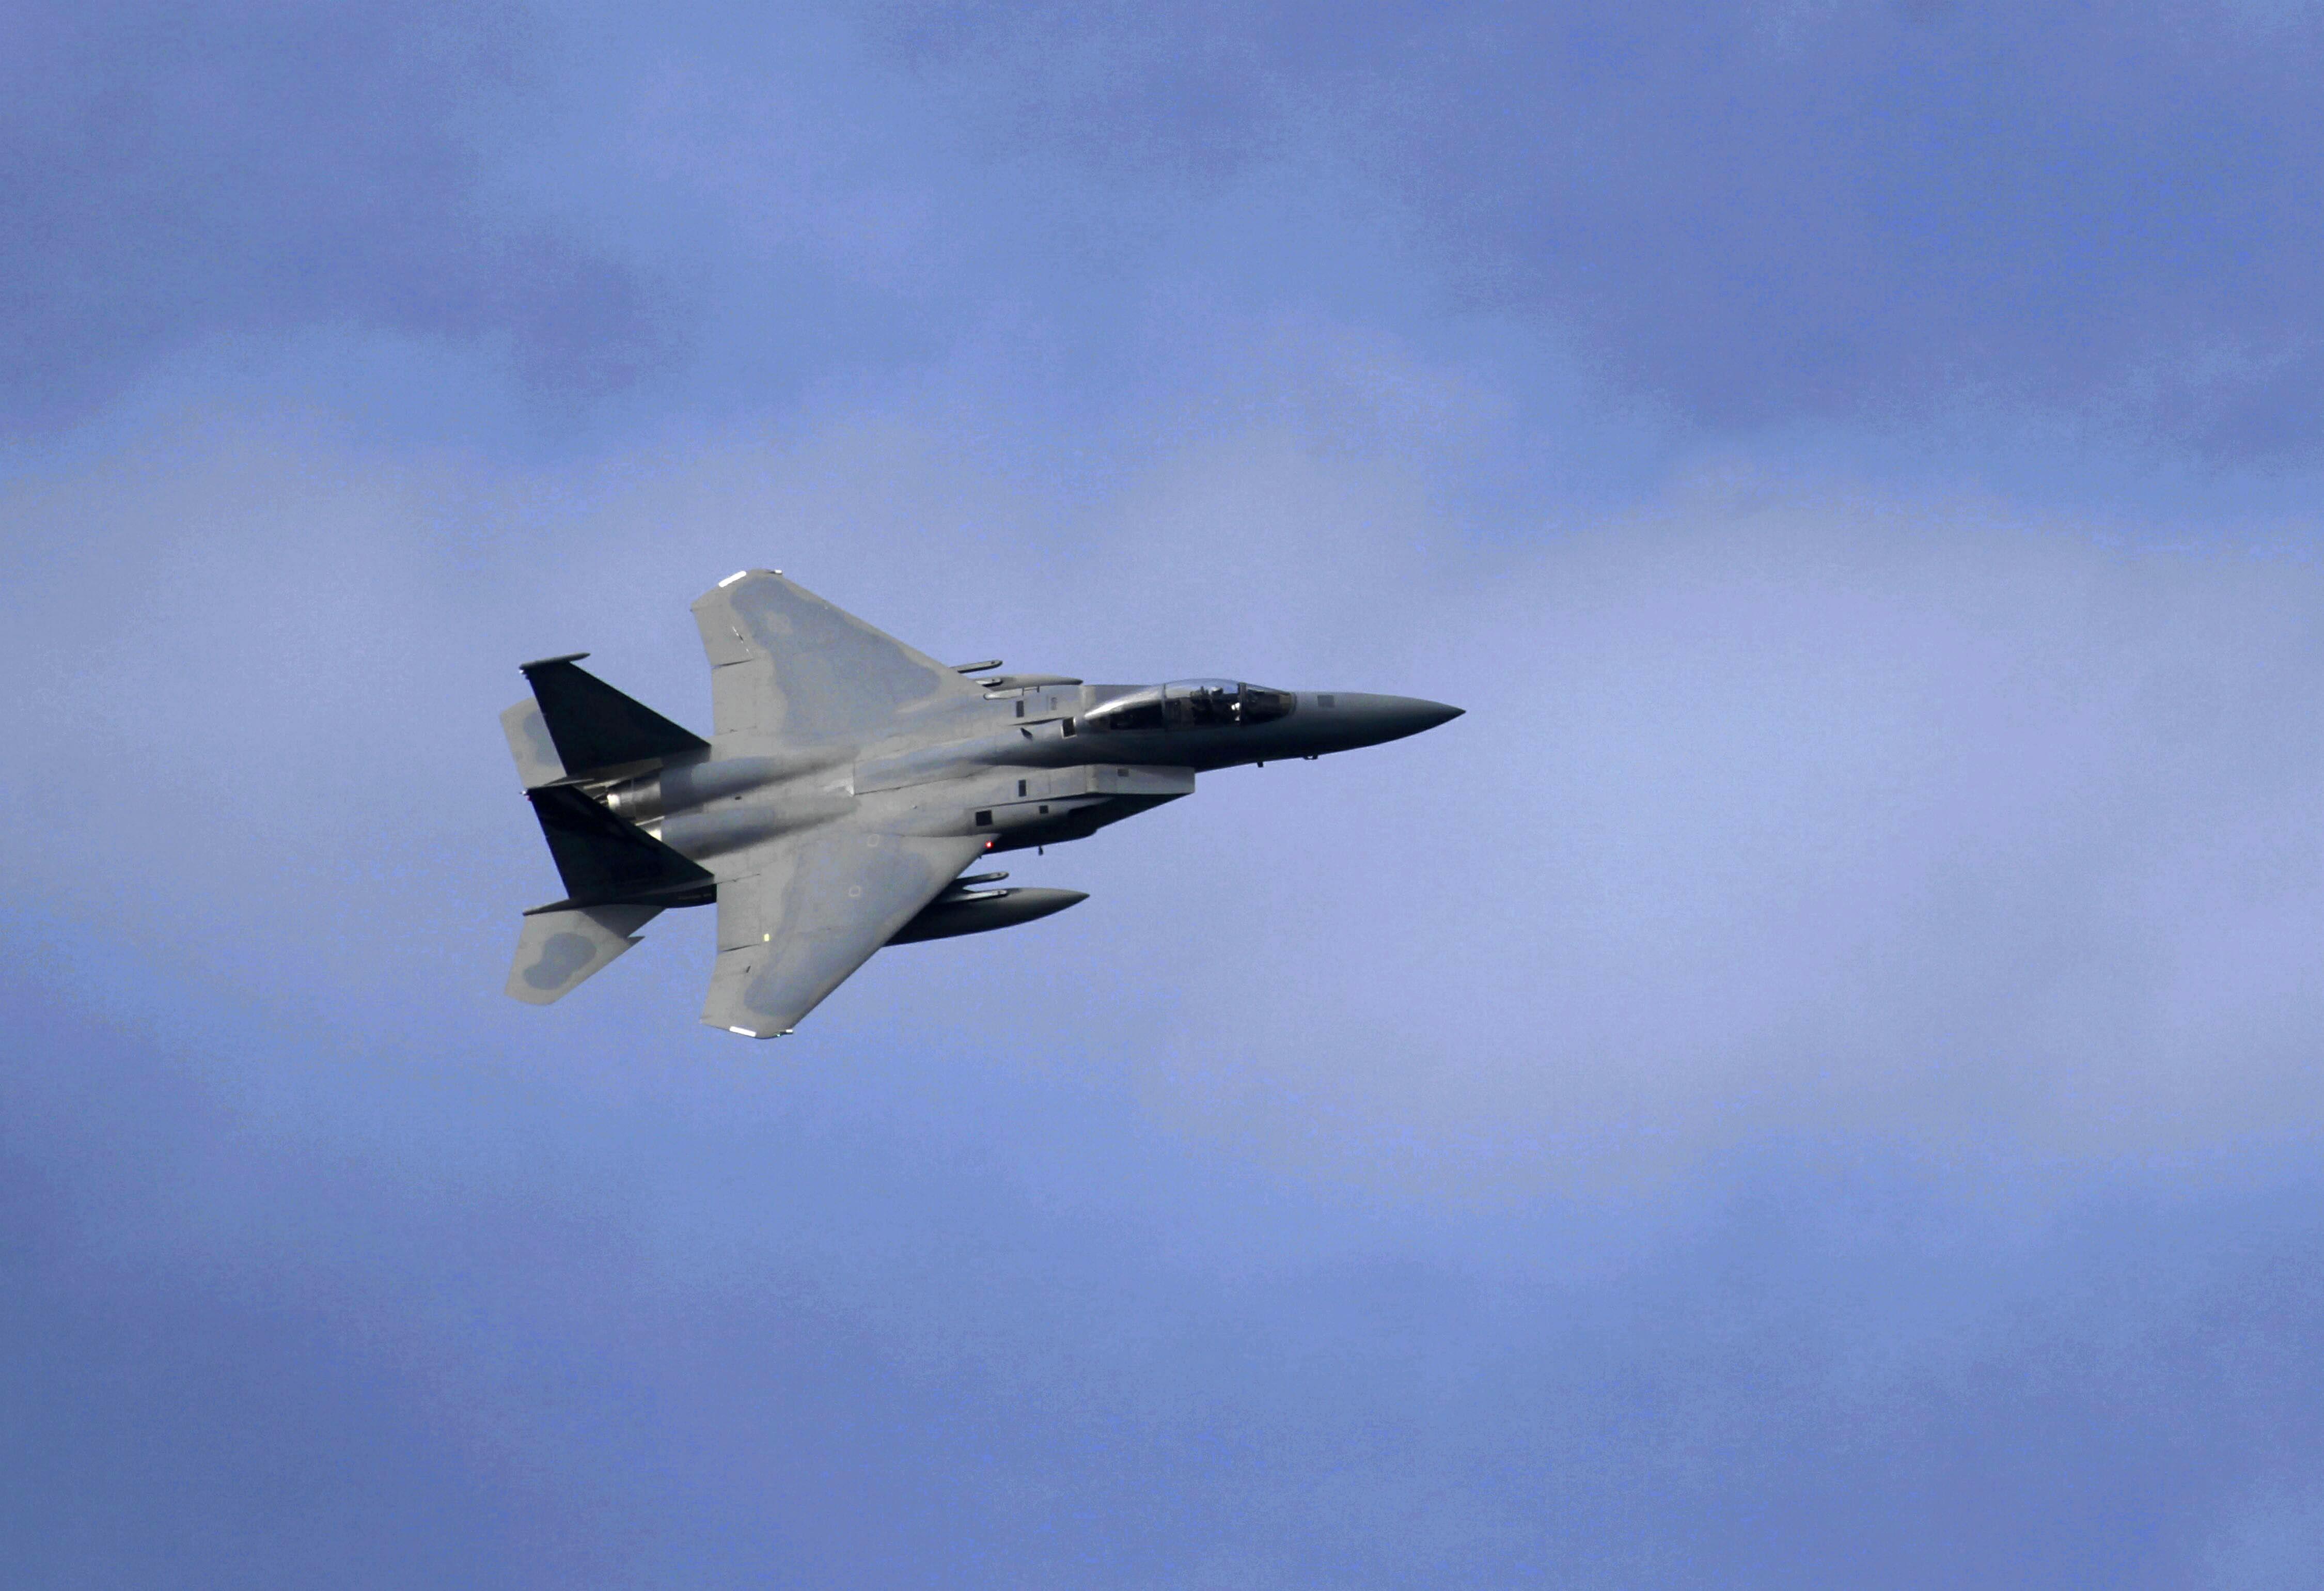 Αμερικανικό μαχητικό κατέρριψε drone του συριακού καθεστώτος